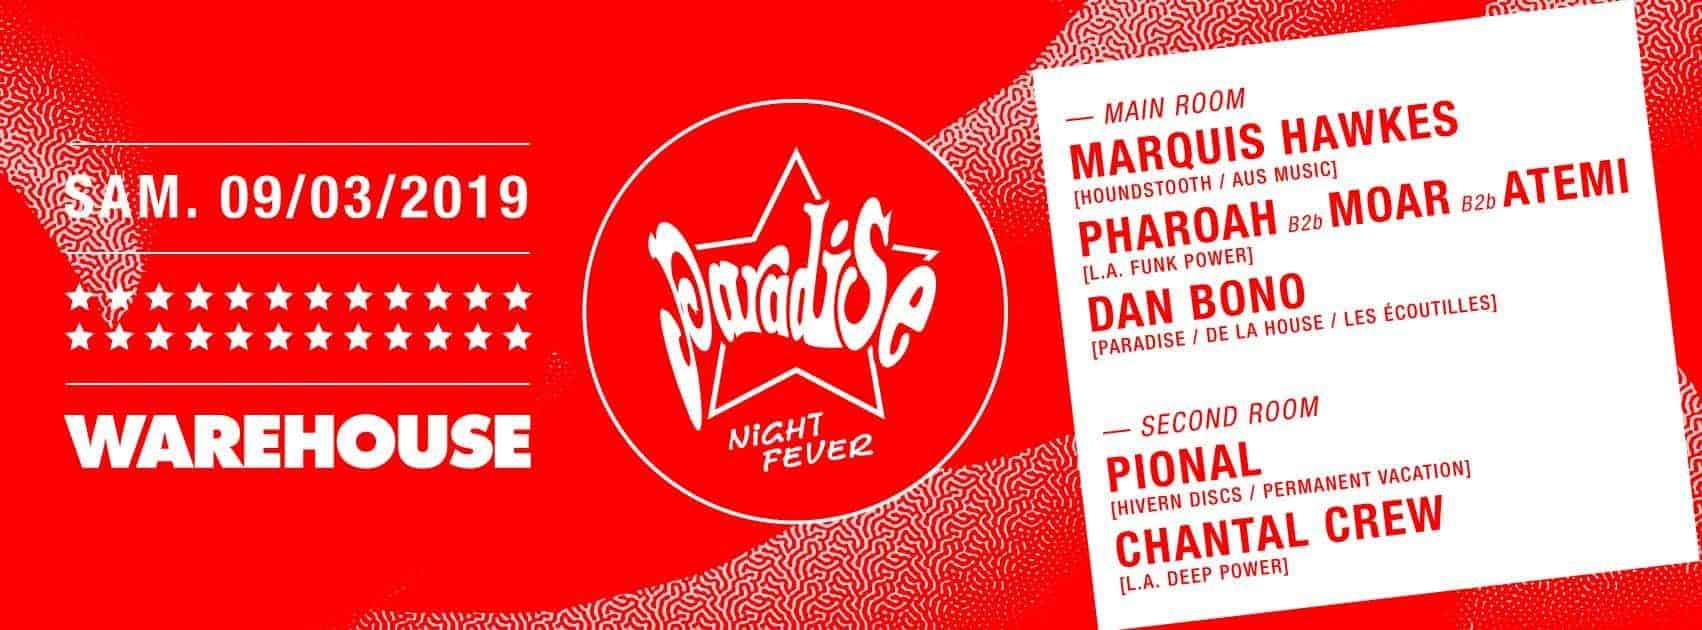 paradise night fever au warehouse